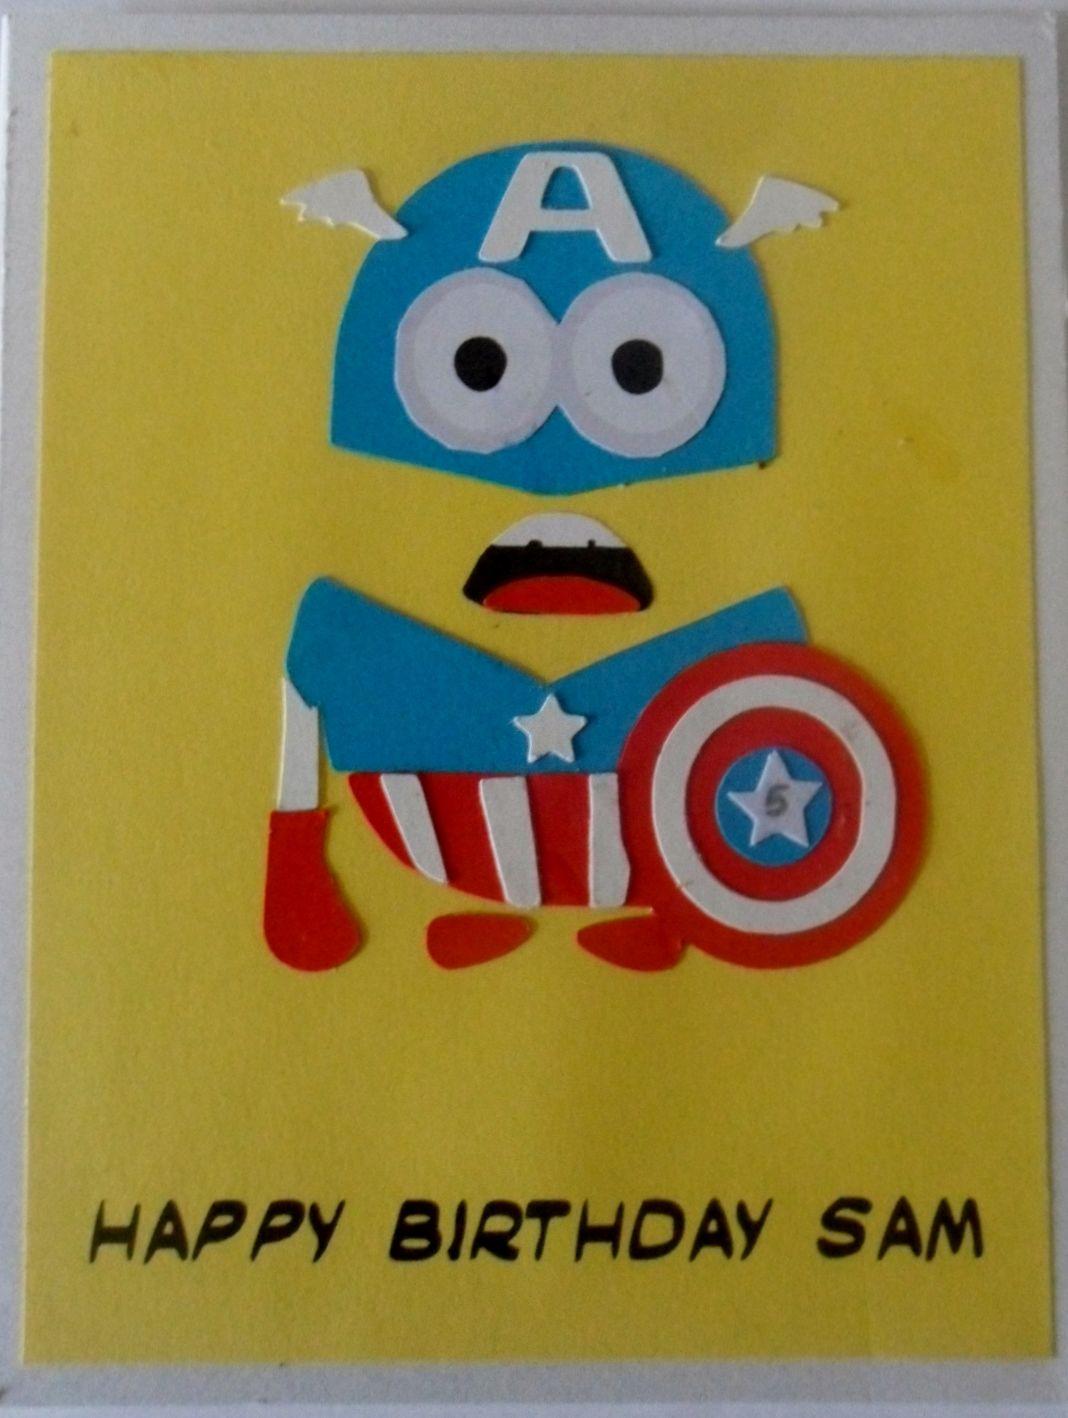 Pin By Musha Mushita On Card Making Minion Birthday Card Birthday Card Template Kids Birthday Cards